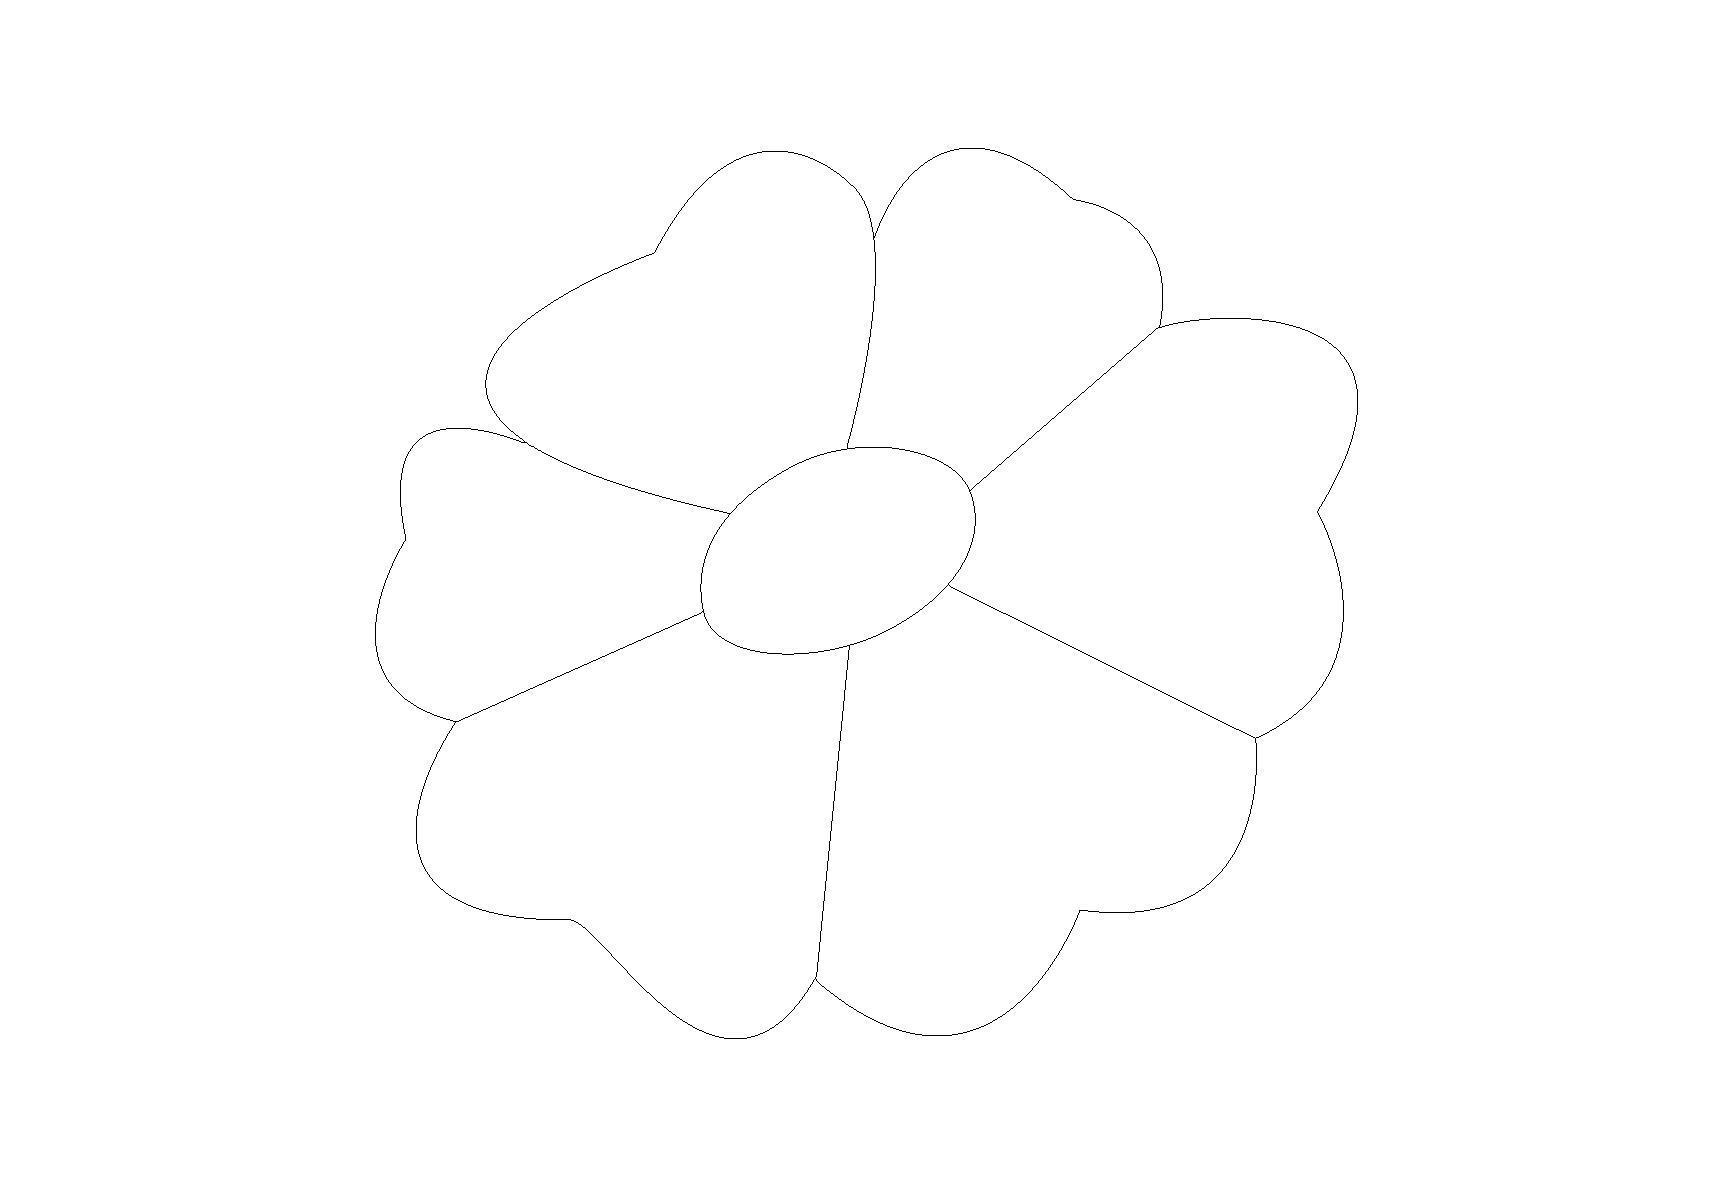 Набор для поделок Контур цветка для поделок и аппликаций Раскраски цветы онлайн скачать и распечататьраскраски цветы